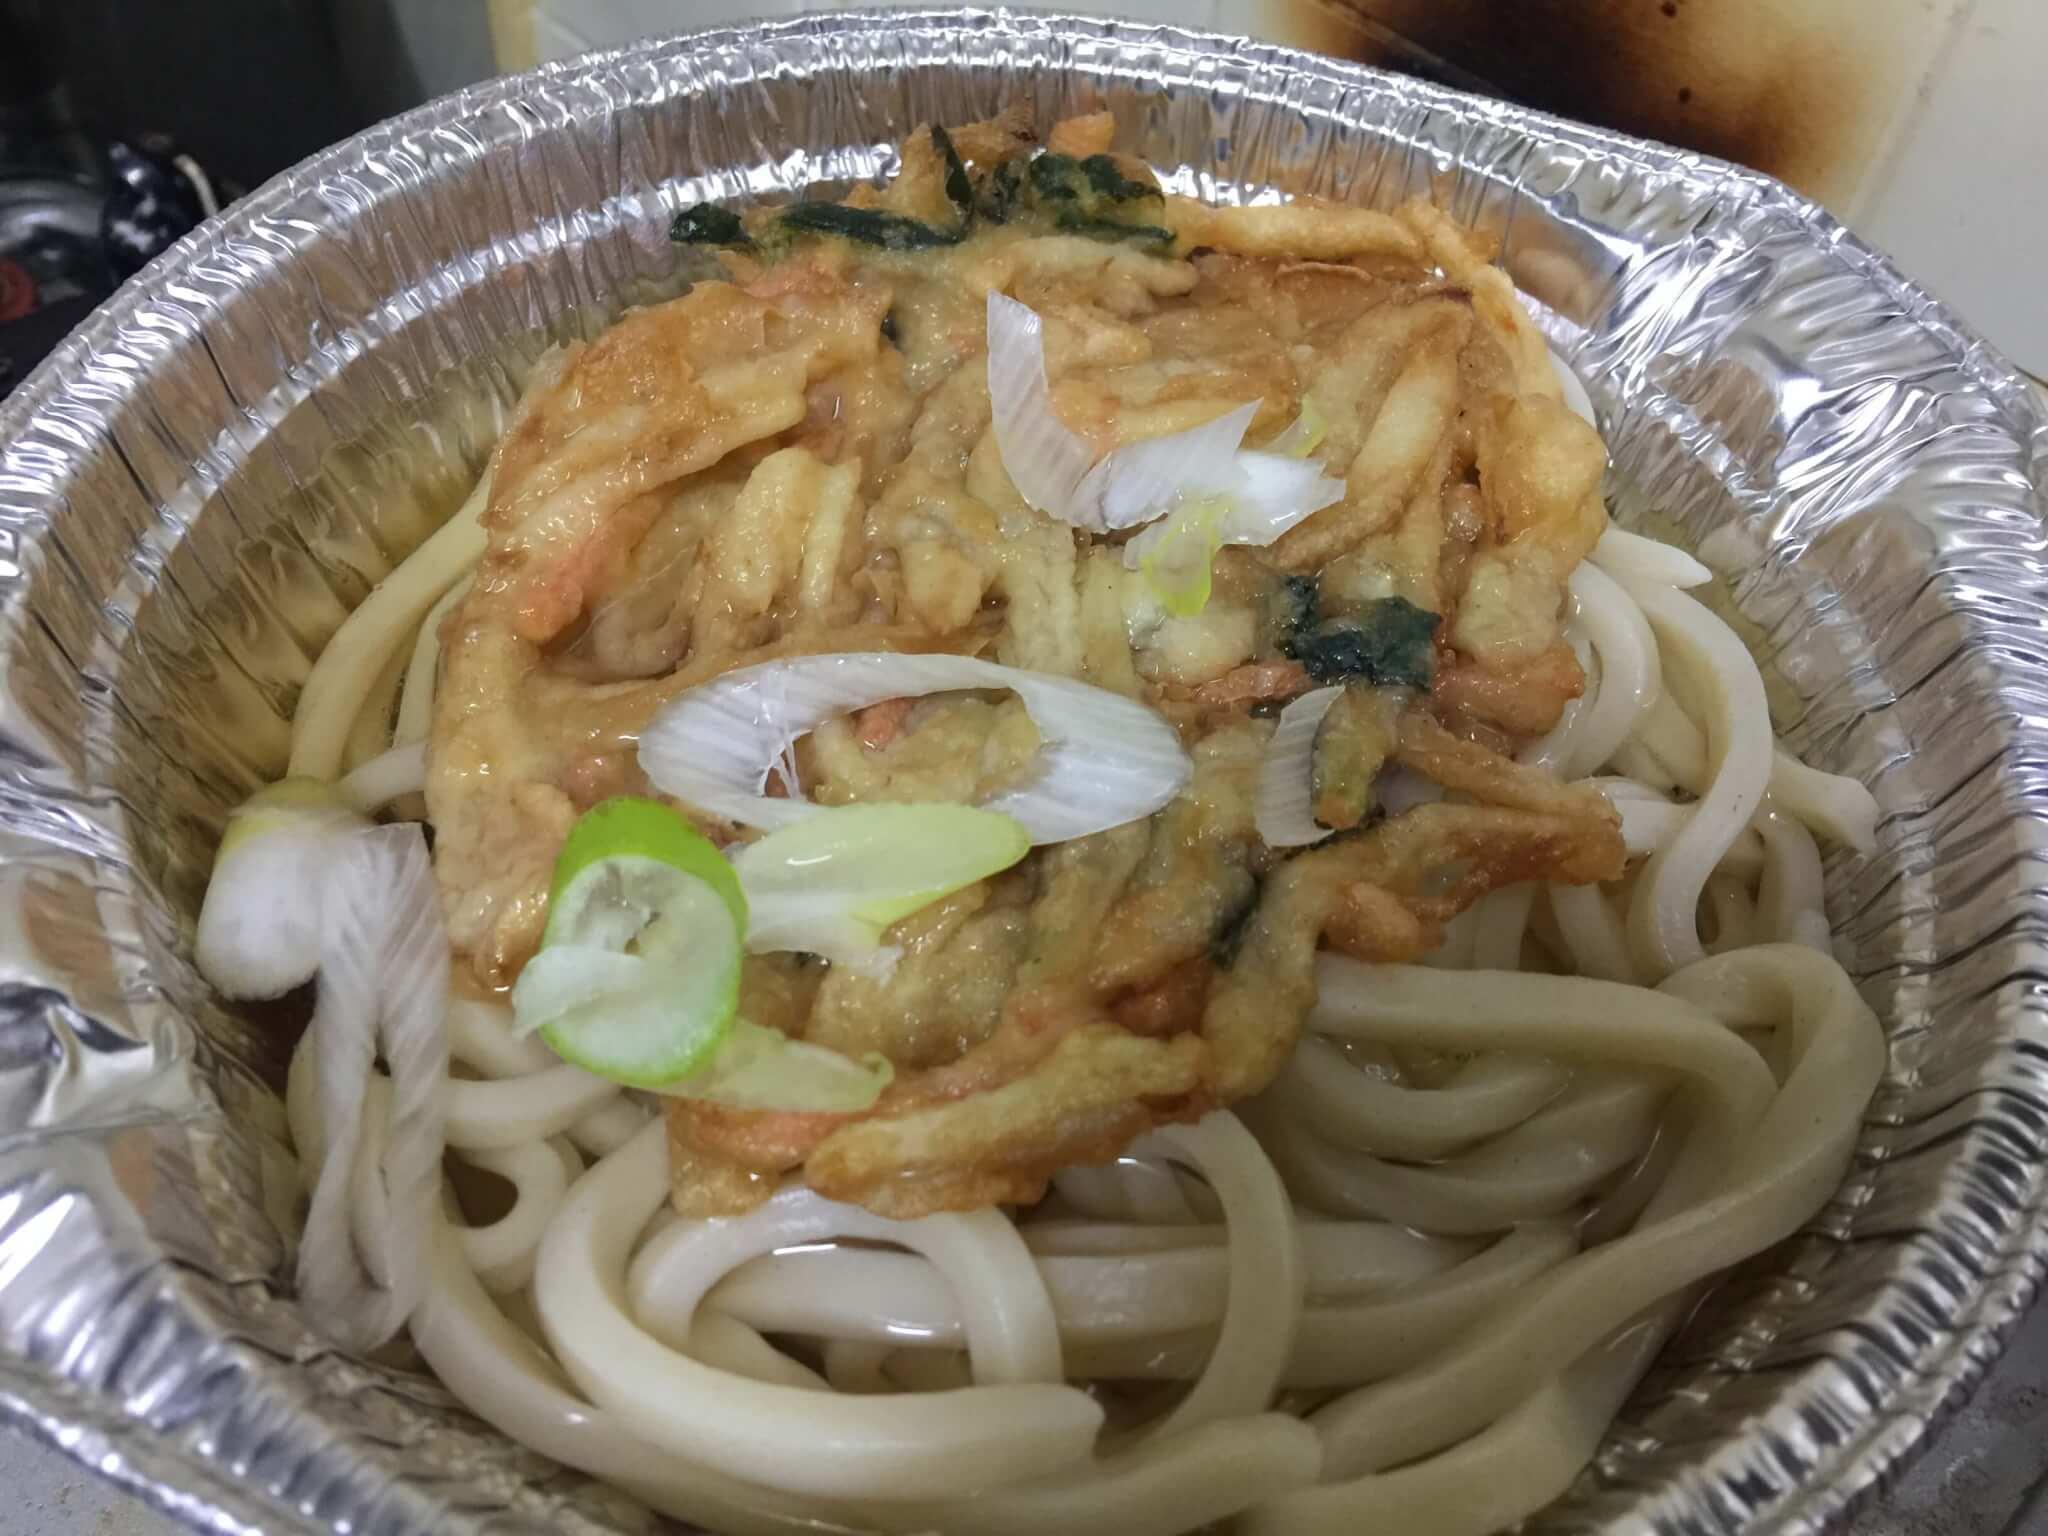 セブンイレブンの天ぷら鍋焼きうどんの調理スタート